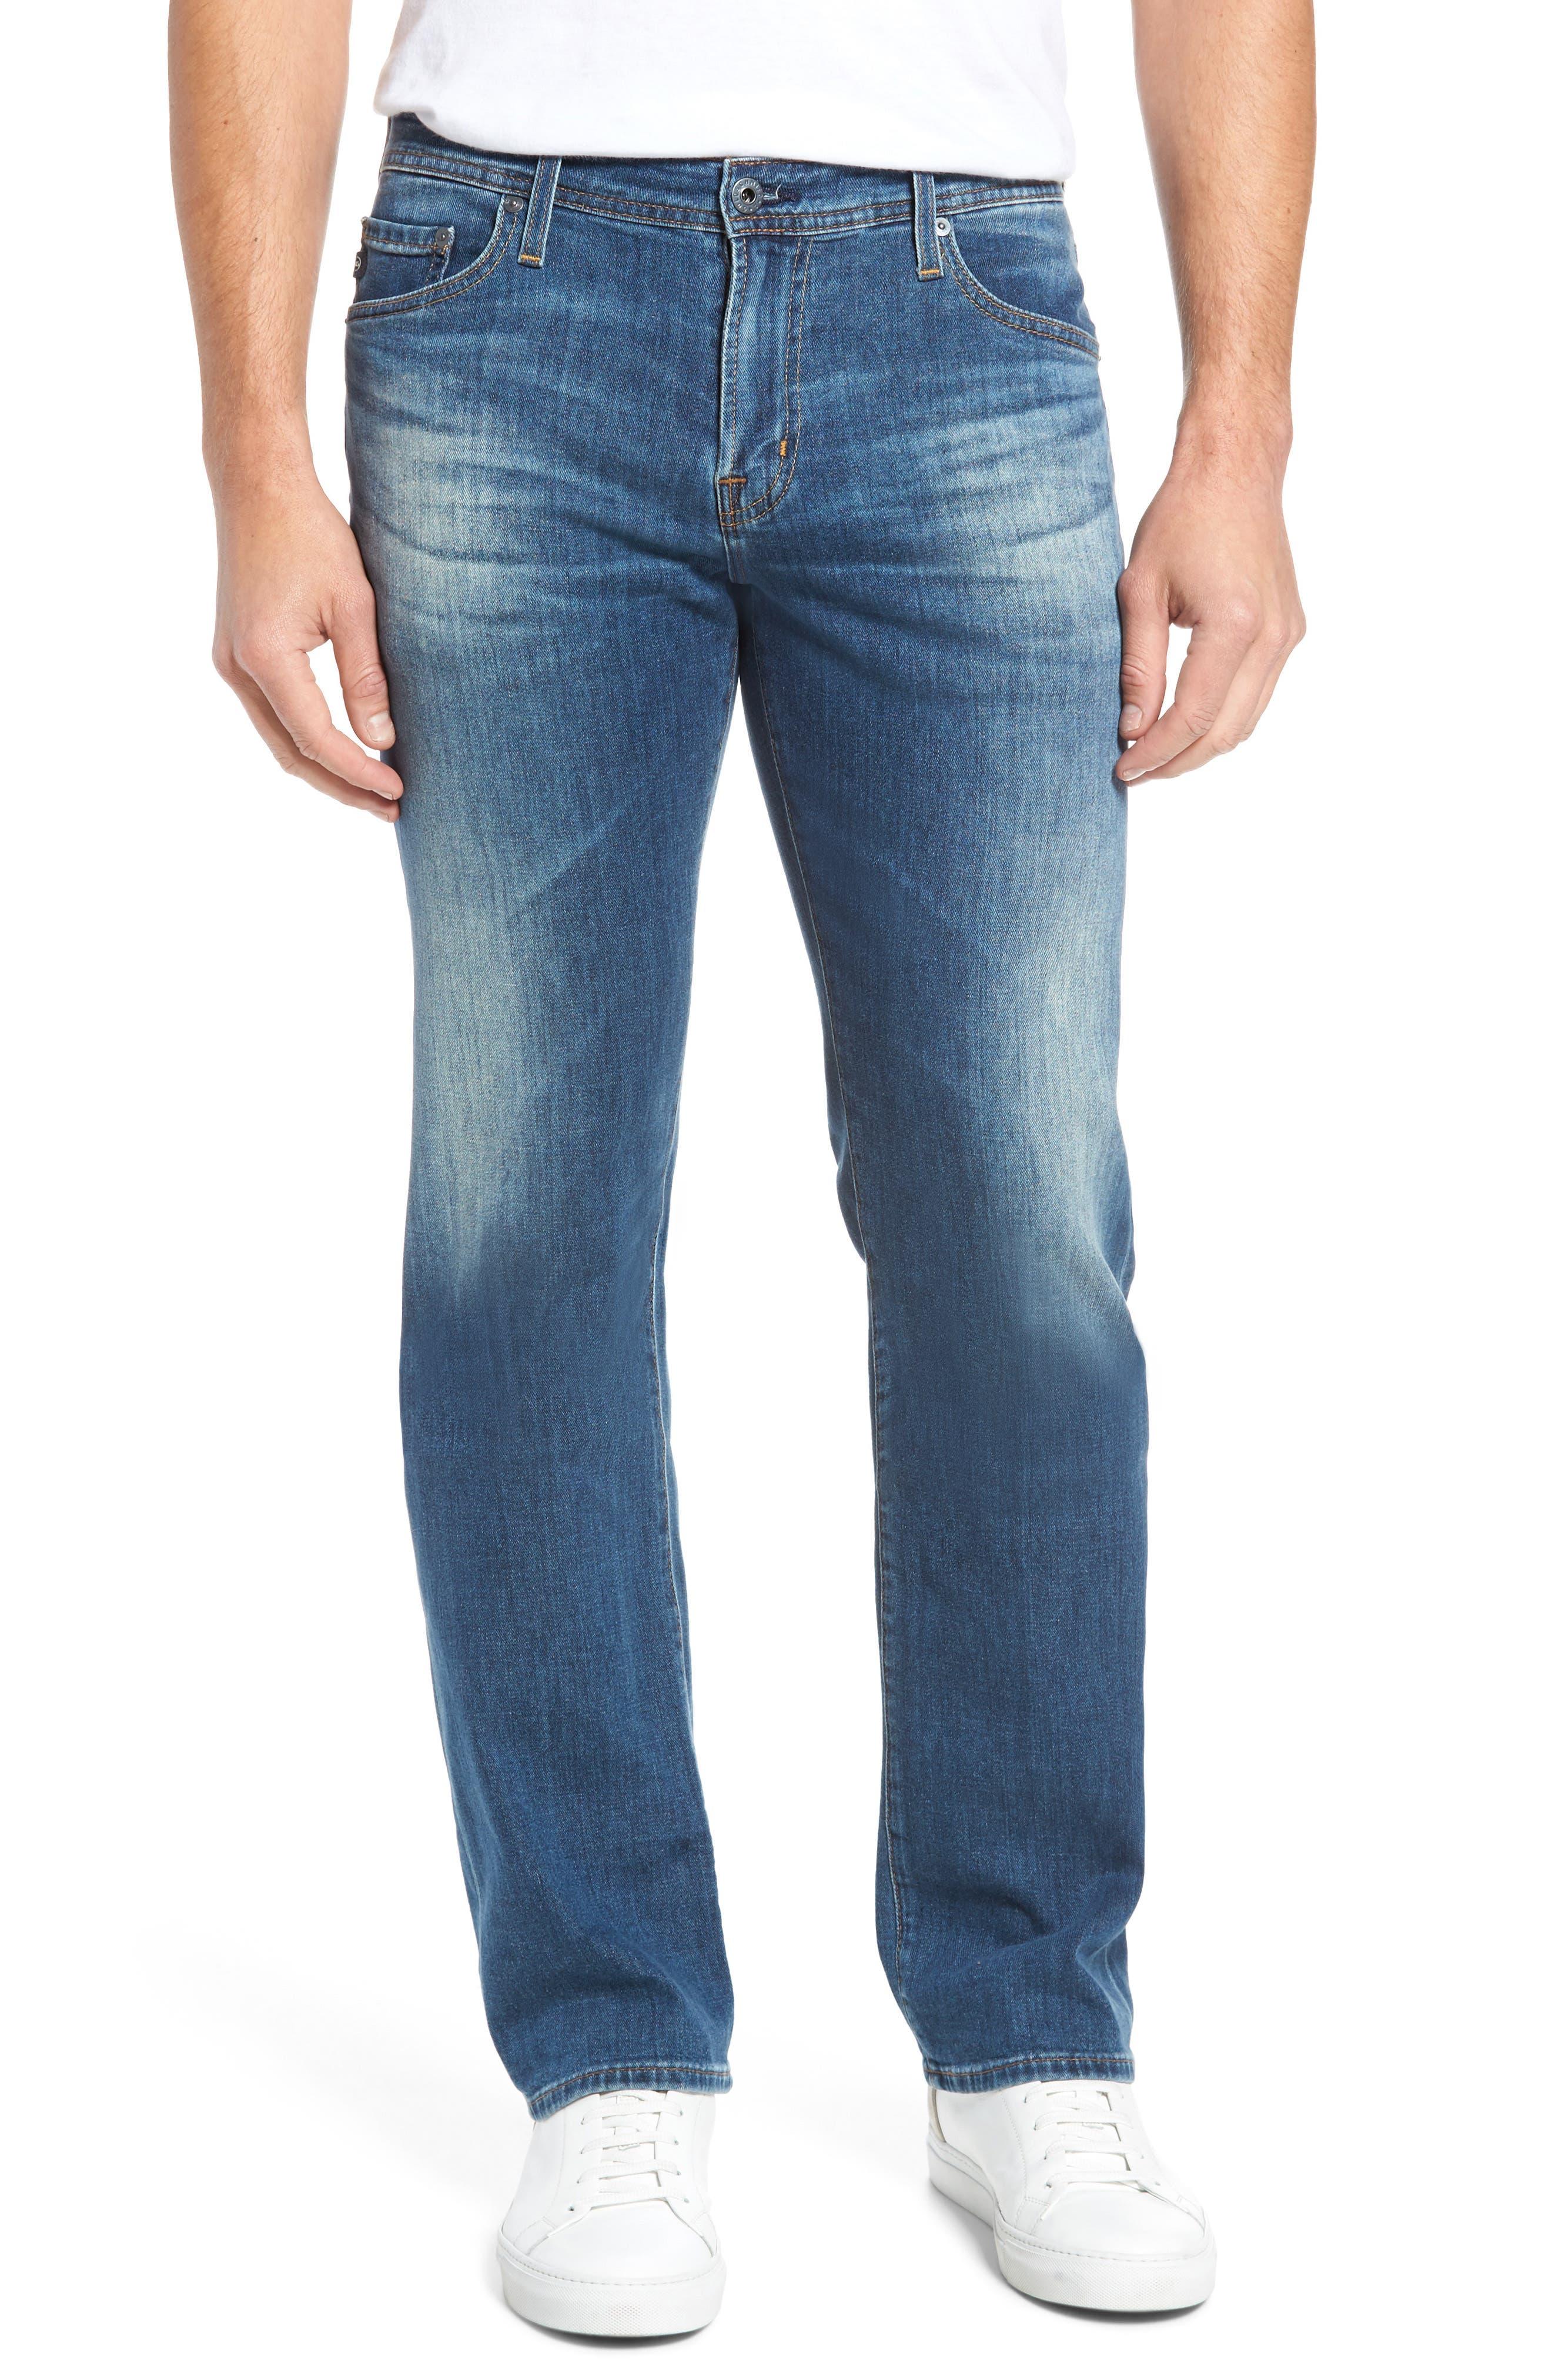 Protégé Relaxed Fit Jeans,                         Main,                         color, Four Rivers